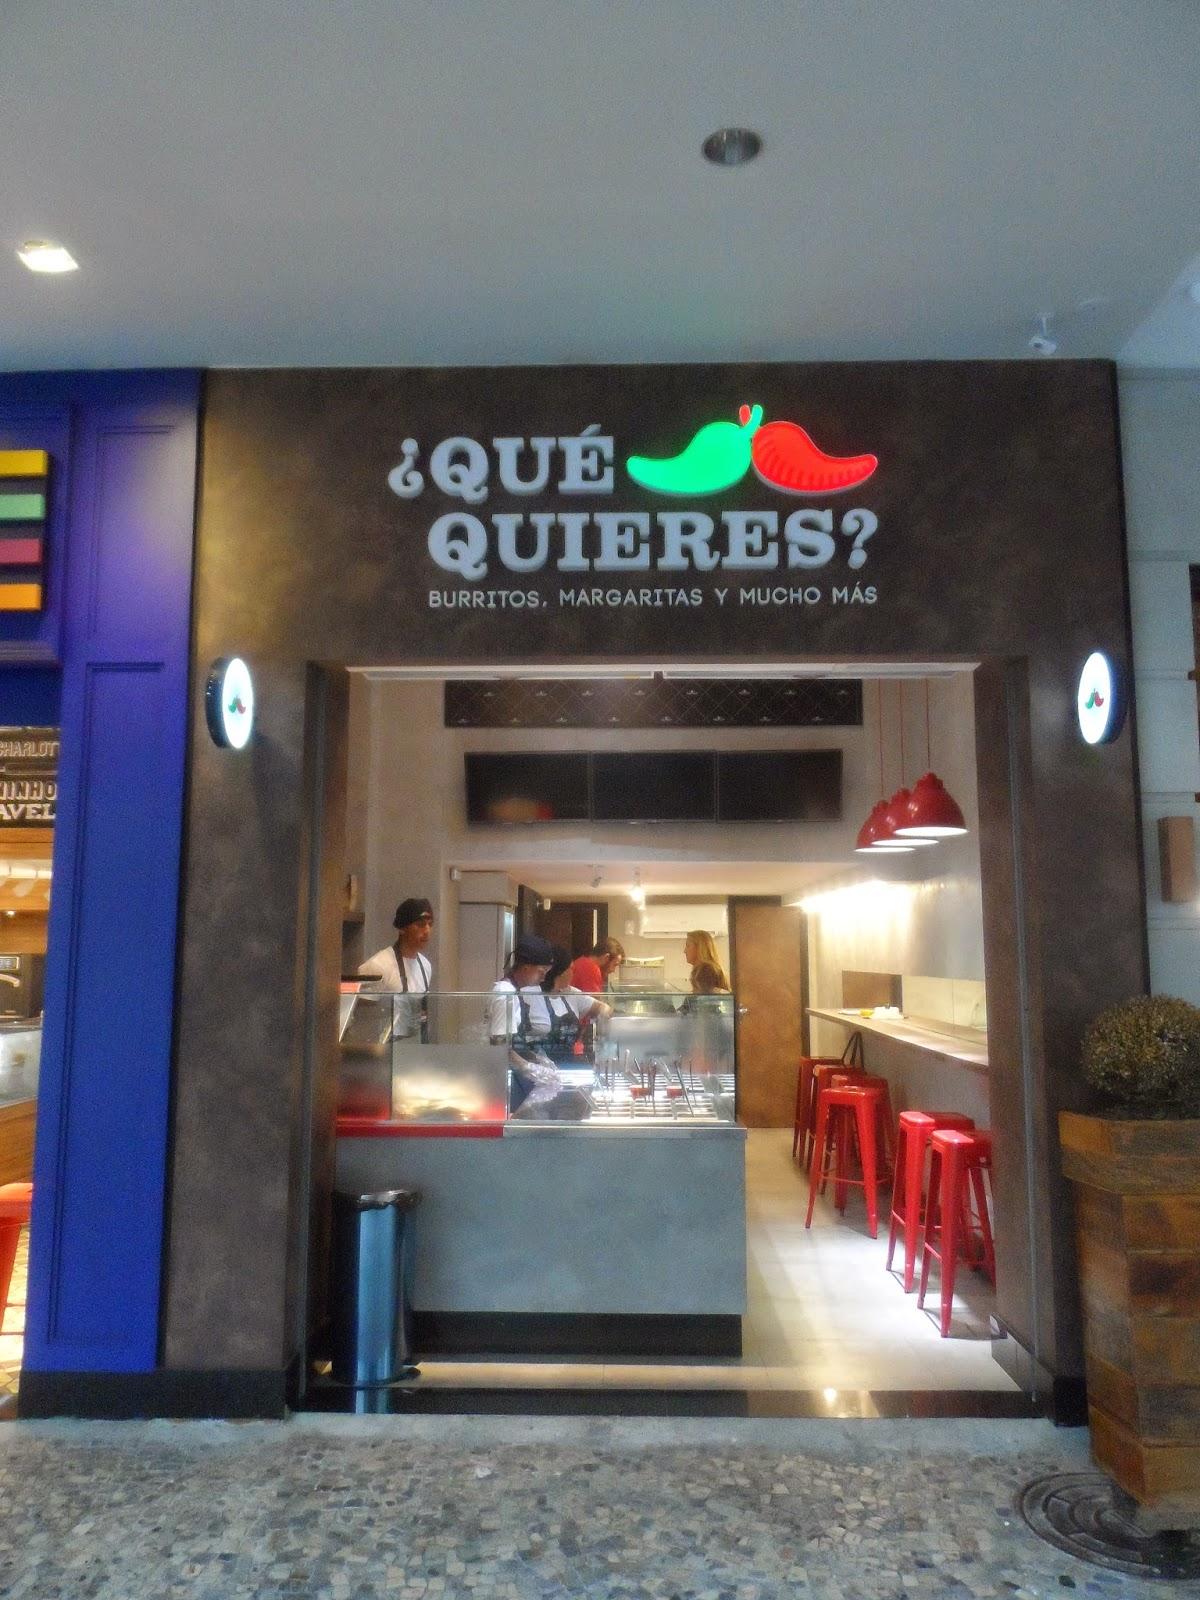 http://2.bp.blogspot.com/ ReginaSegura. arquitetura: FAST FOOD  #283683 1200x1600 Balcao Banheiro Fabrica